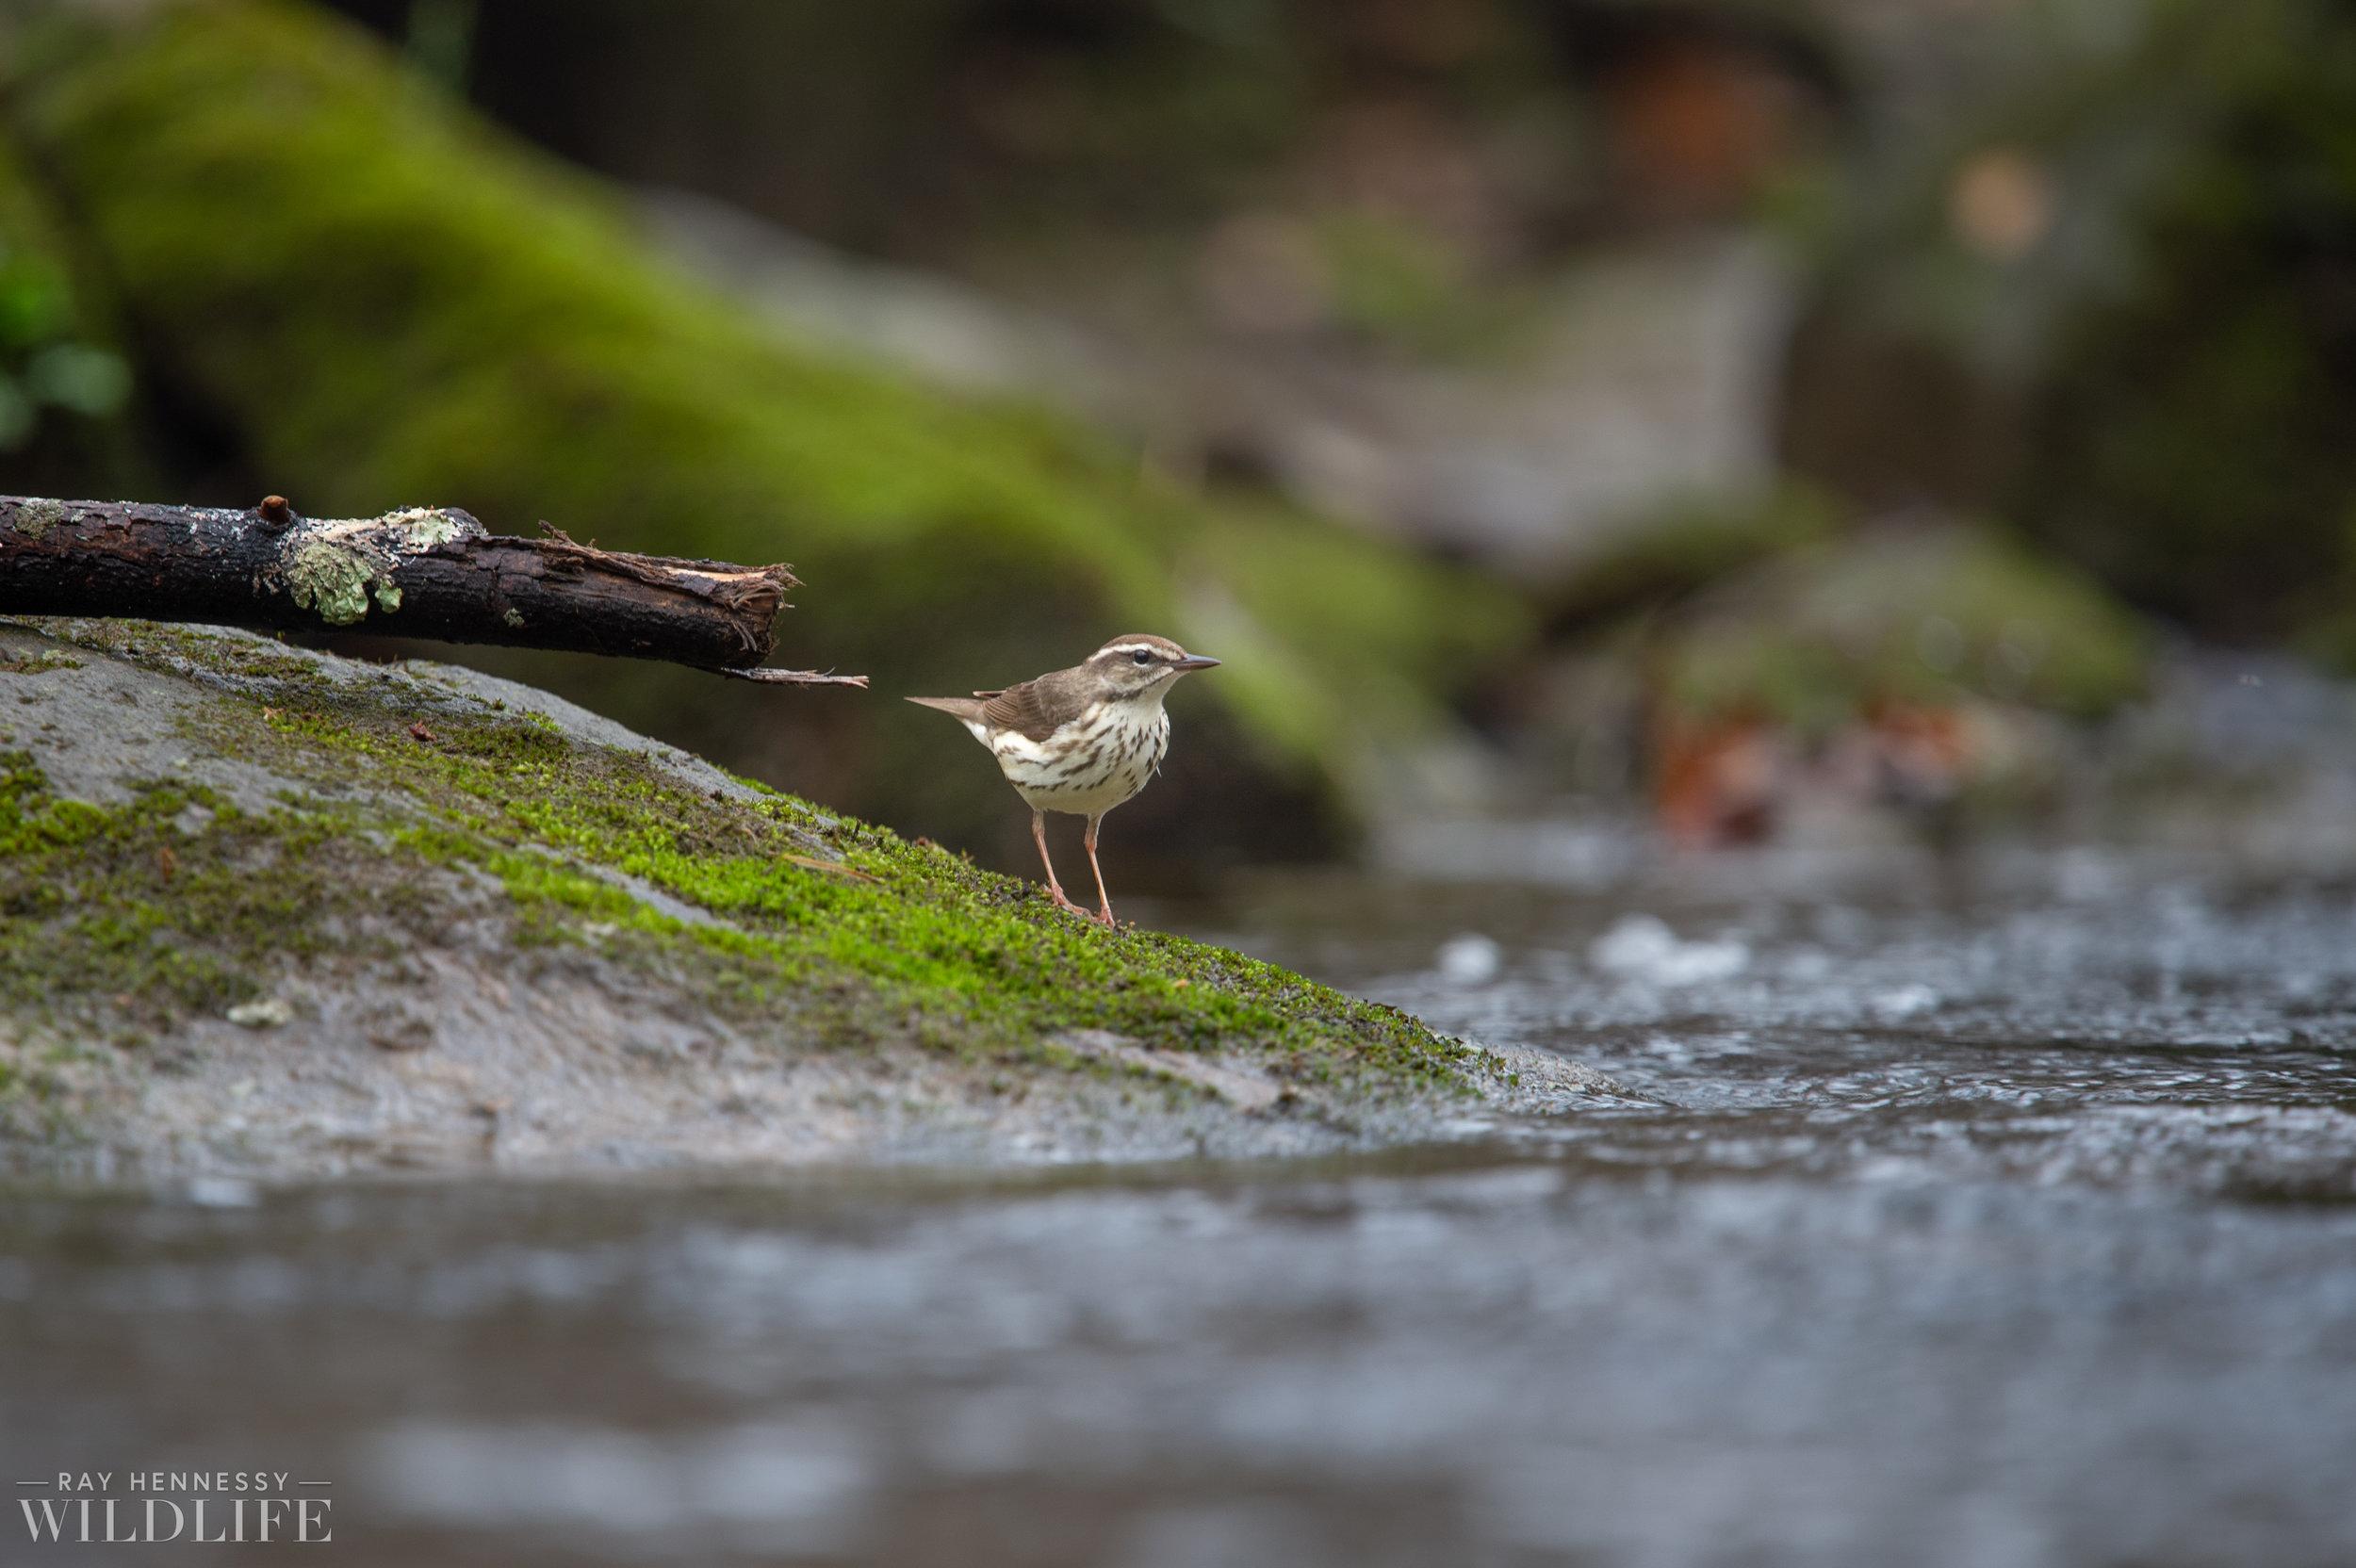 004_louisiana-waterthrush-pine-warbler.jpg